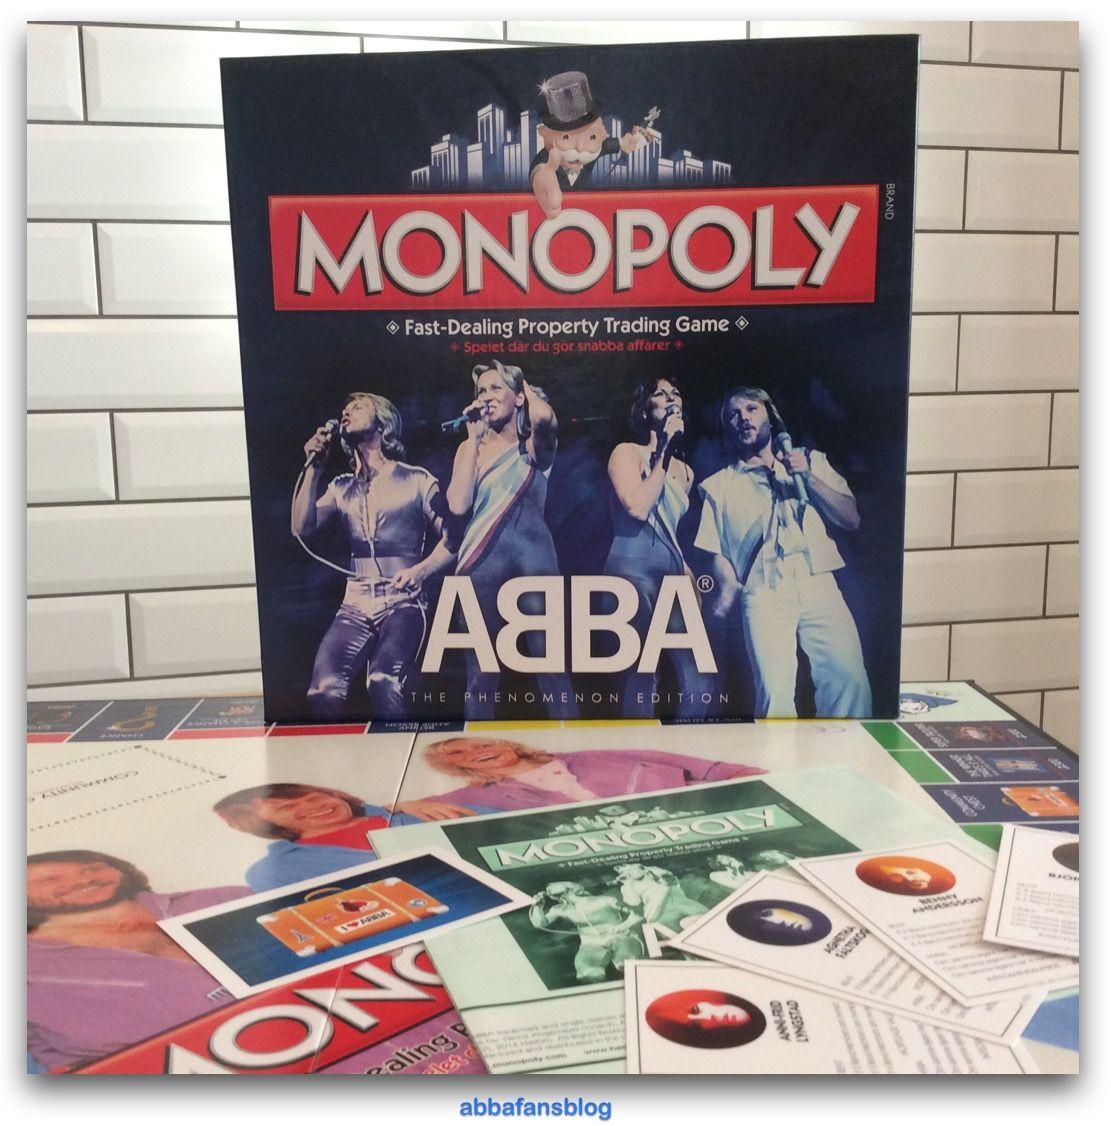 Abba fans blog collection abba monopoly abba agnetha frida http abbafansblog blogspot co uk 2015 12 collection abba monopoly html pinterest